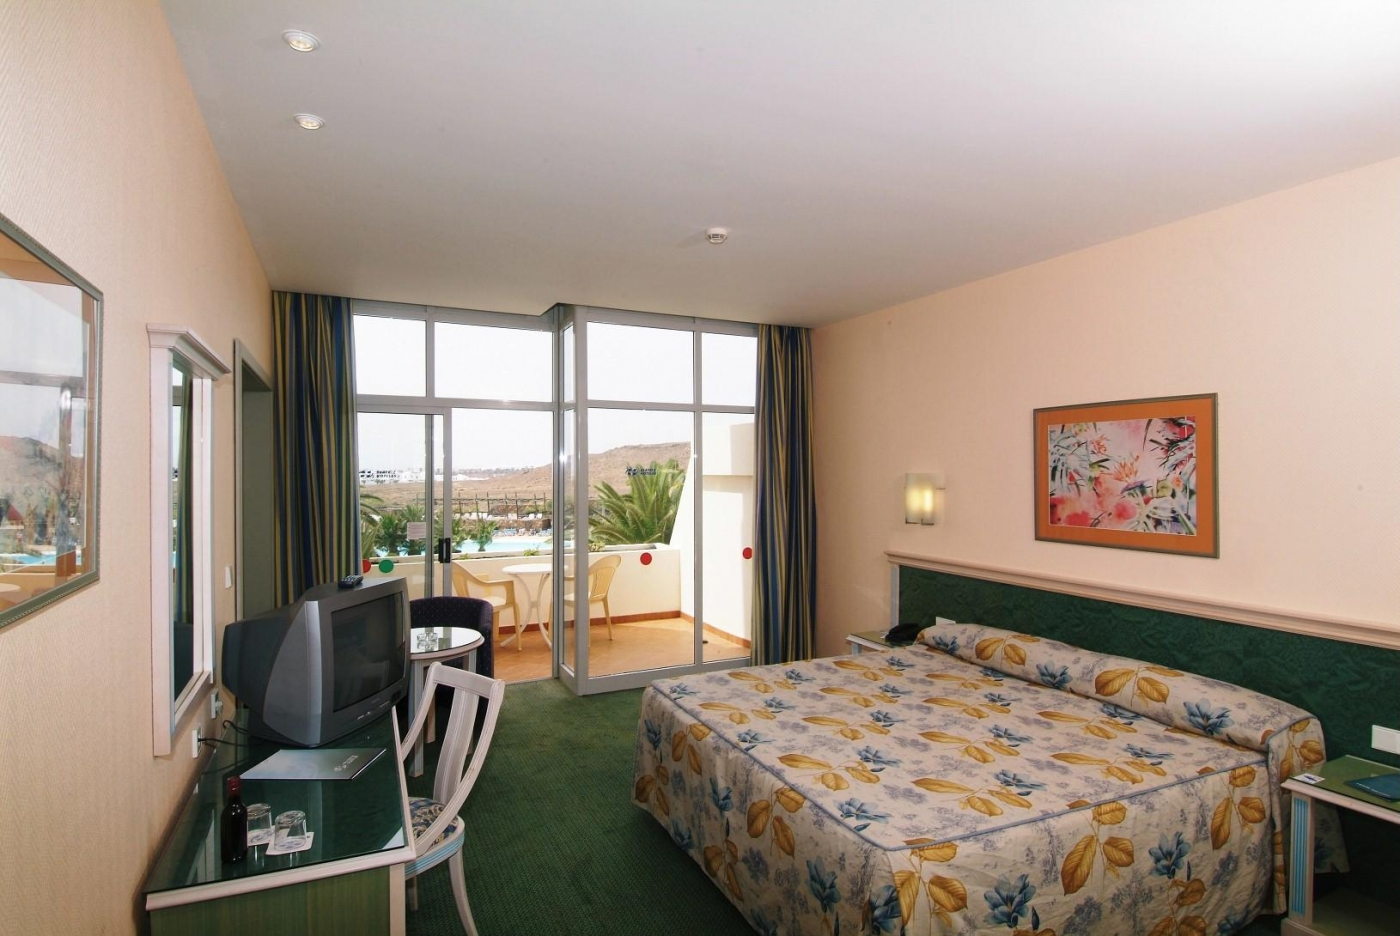 Cómo encontrar hoteles baratos en Nueva York